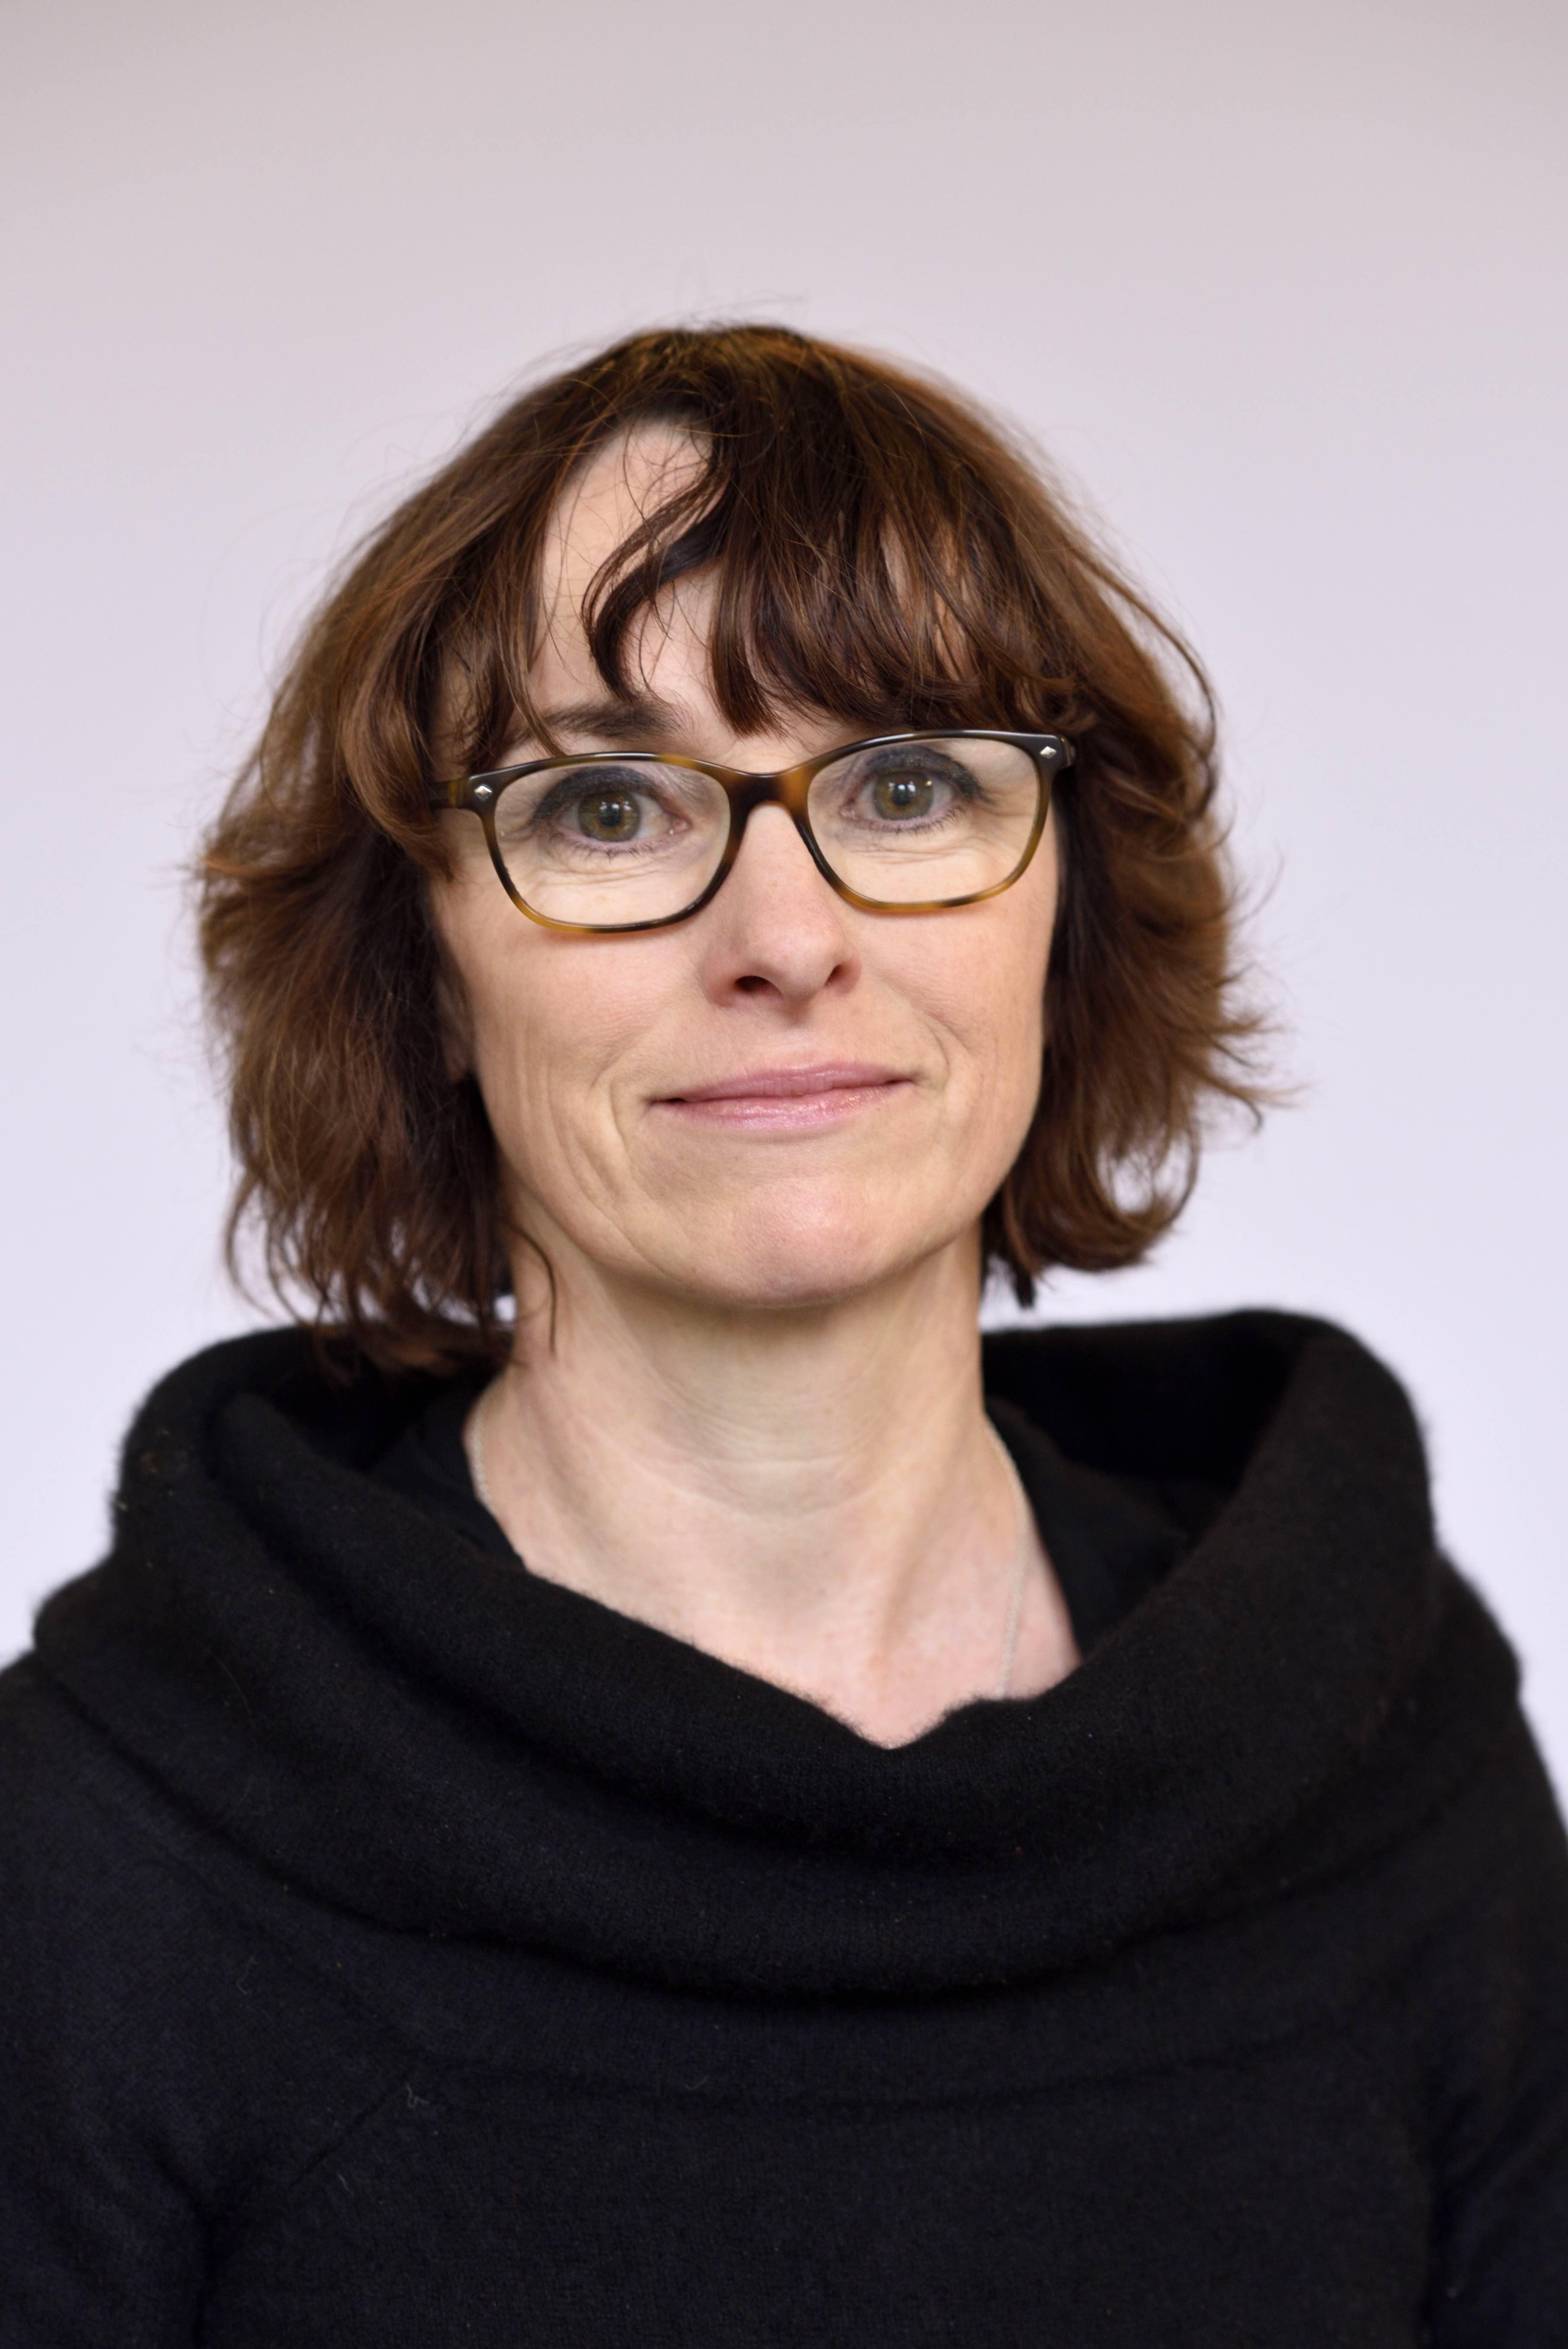 Professor Susan Harkness